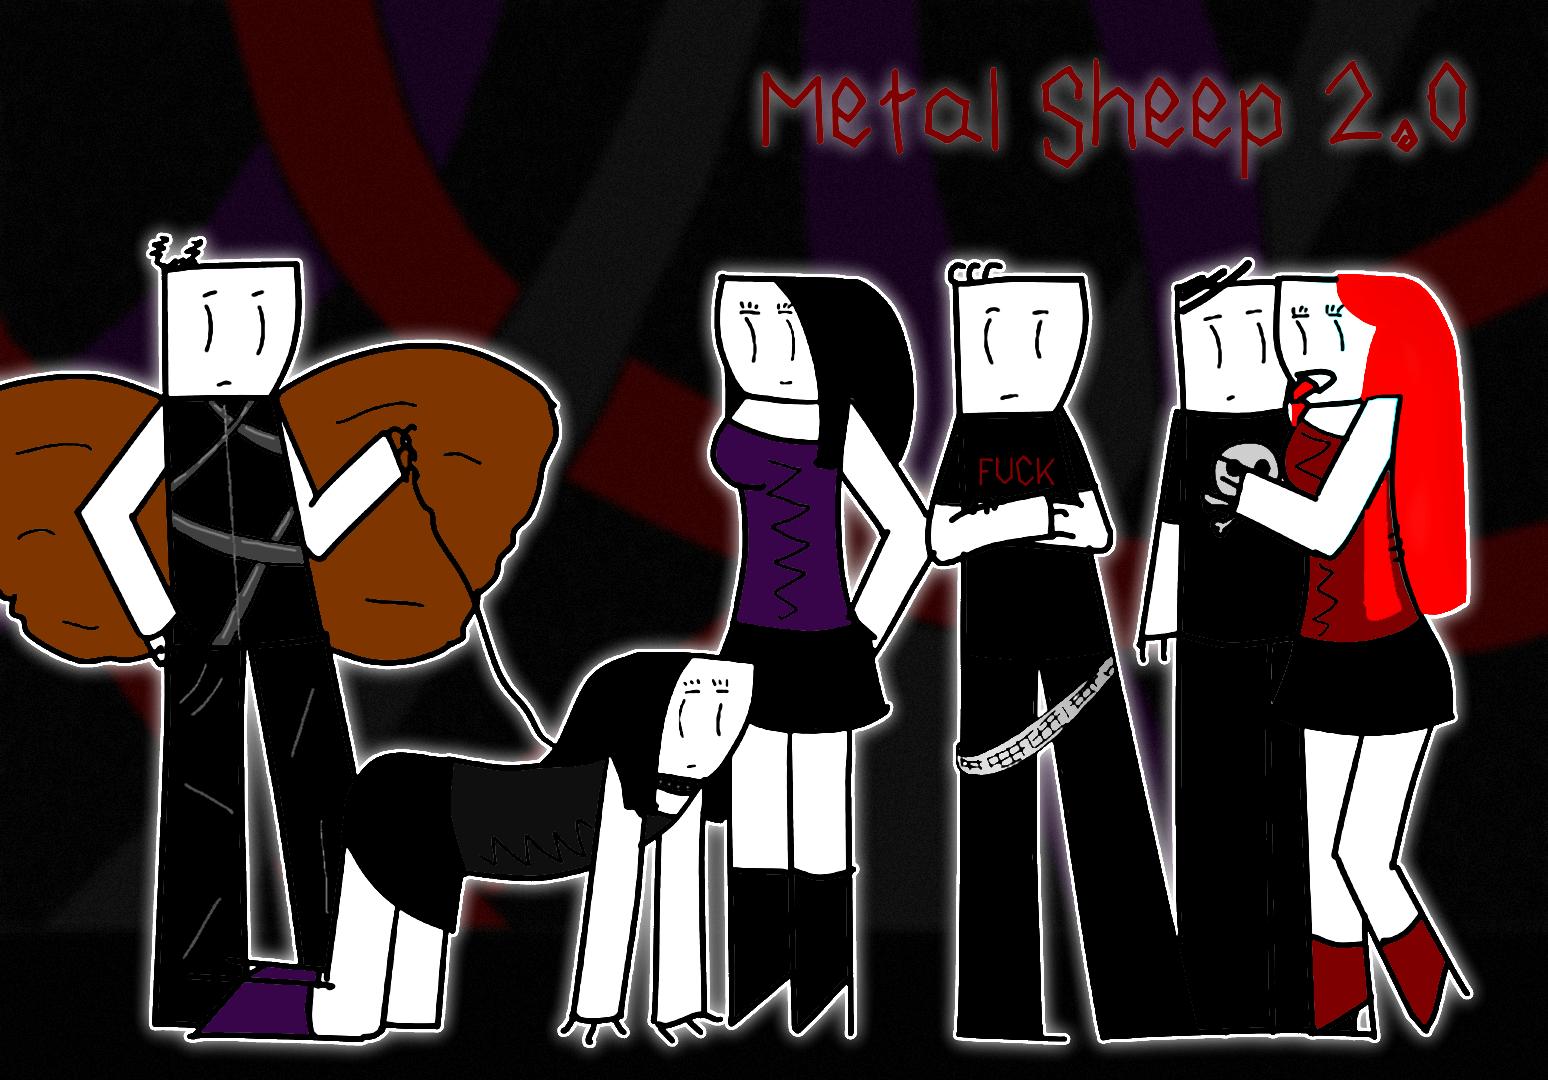 Metal Sheep poster